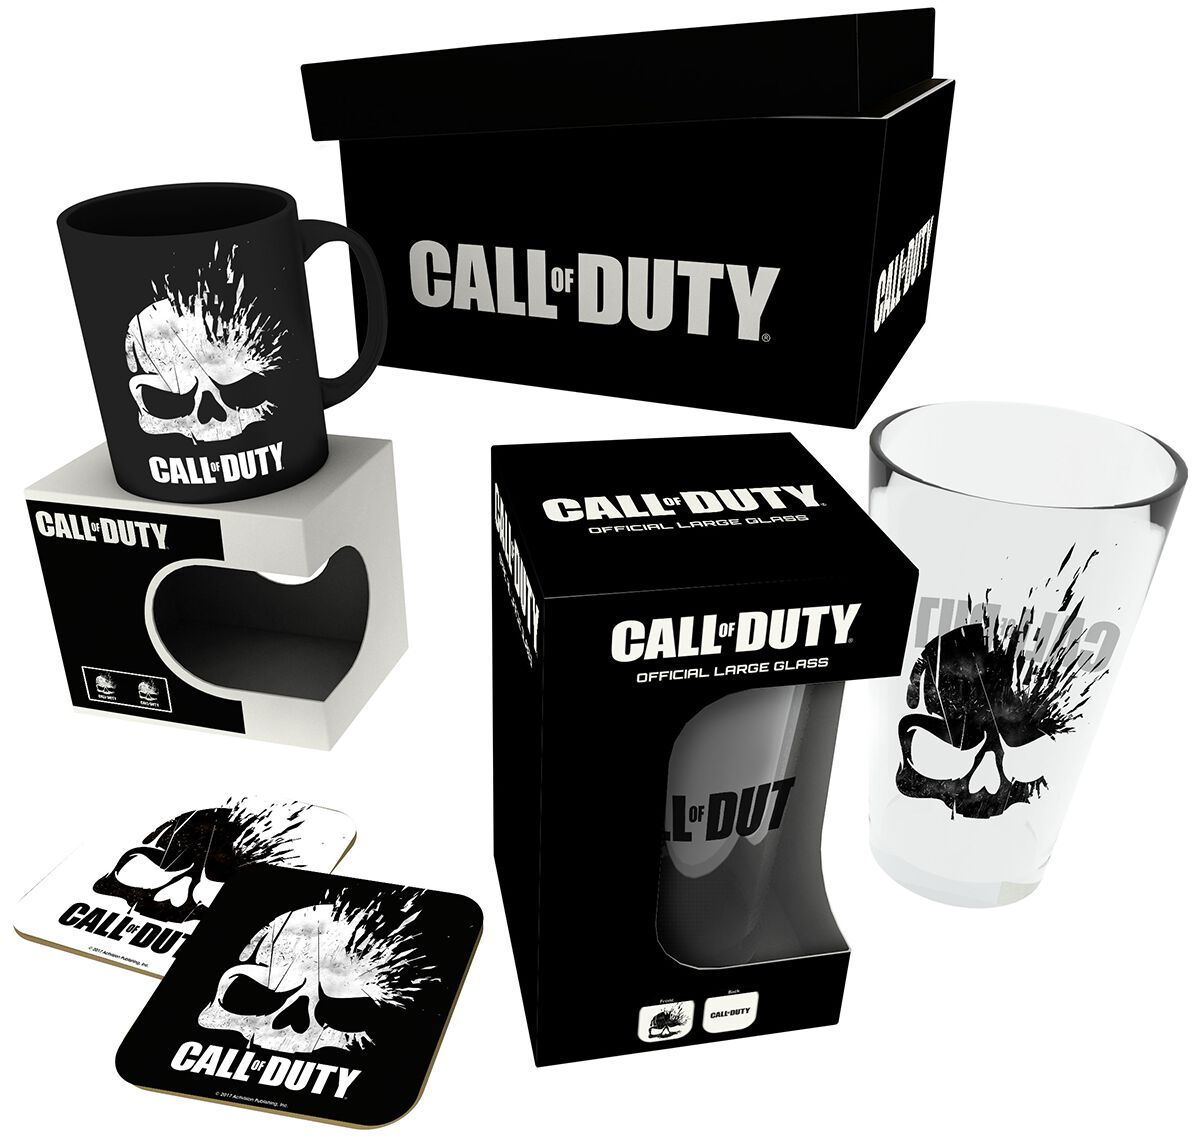 Merch dla Fanów - Fan Package - Fan Package Call Of Duty Skull Logo - Fanpaket Fan Package wielokolorowy - 361173